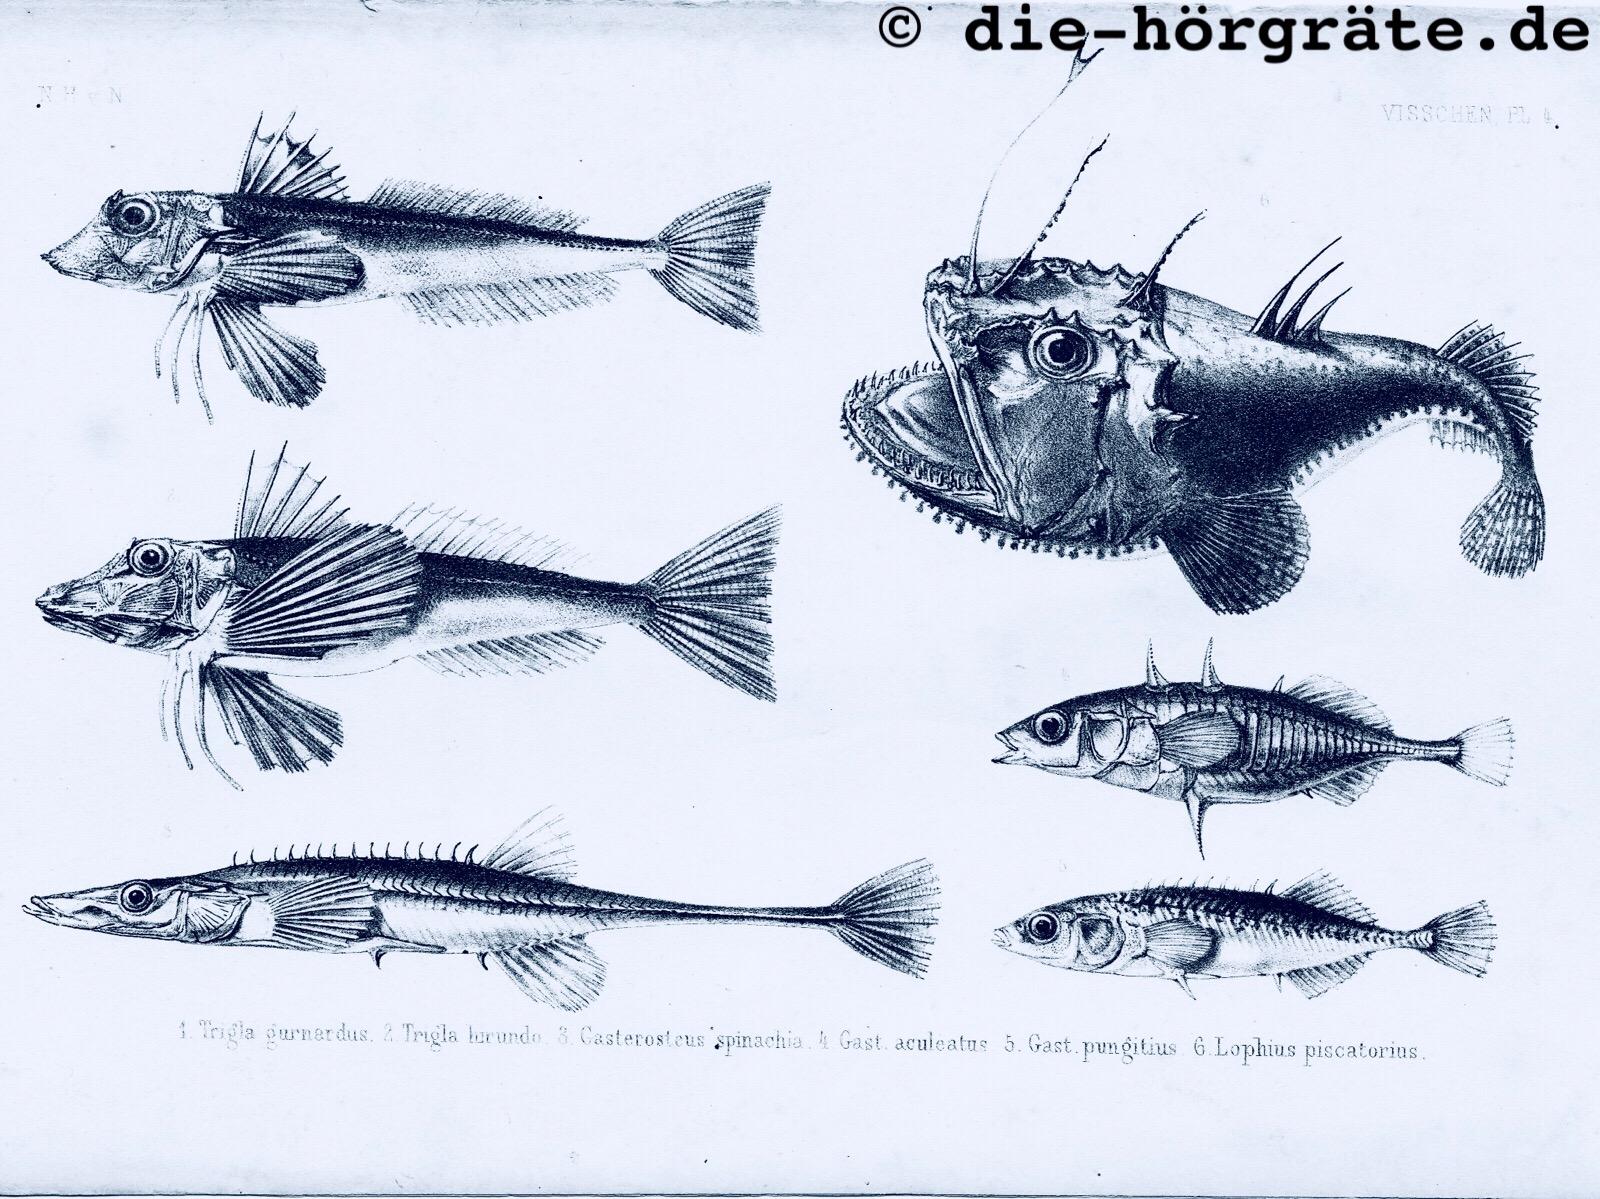 sehr filigrane Zeichnungen von sechs verschiedenen Fischen aus einem alten Buch